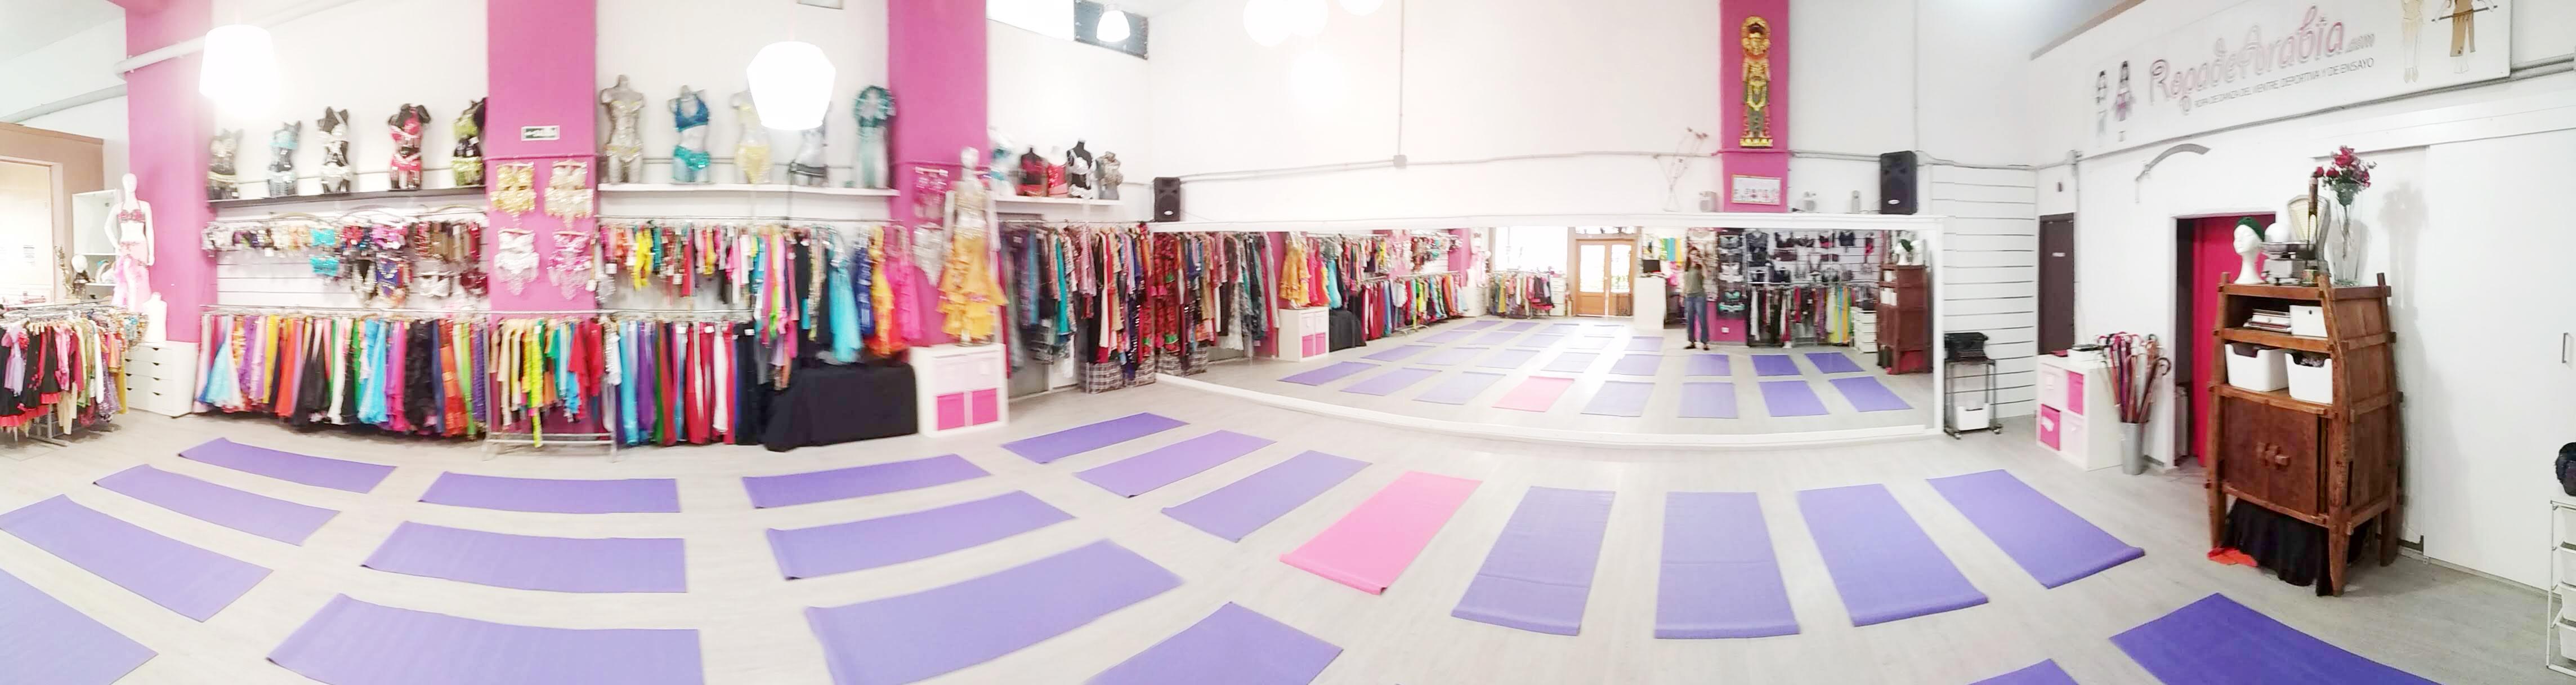 escuela de leena qadi, espacio efimeral, tienda ropa de arabia